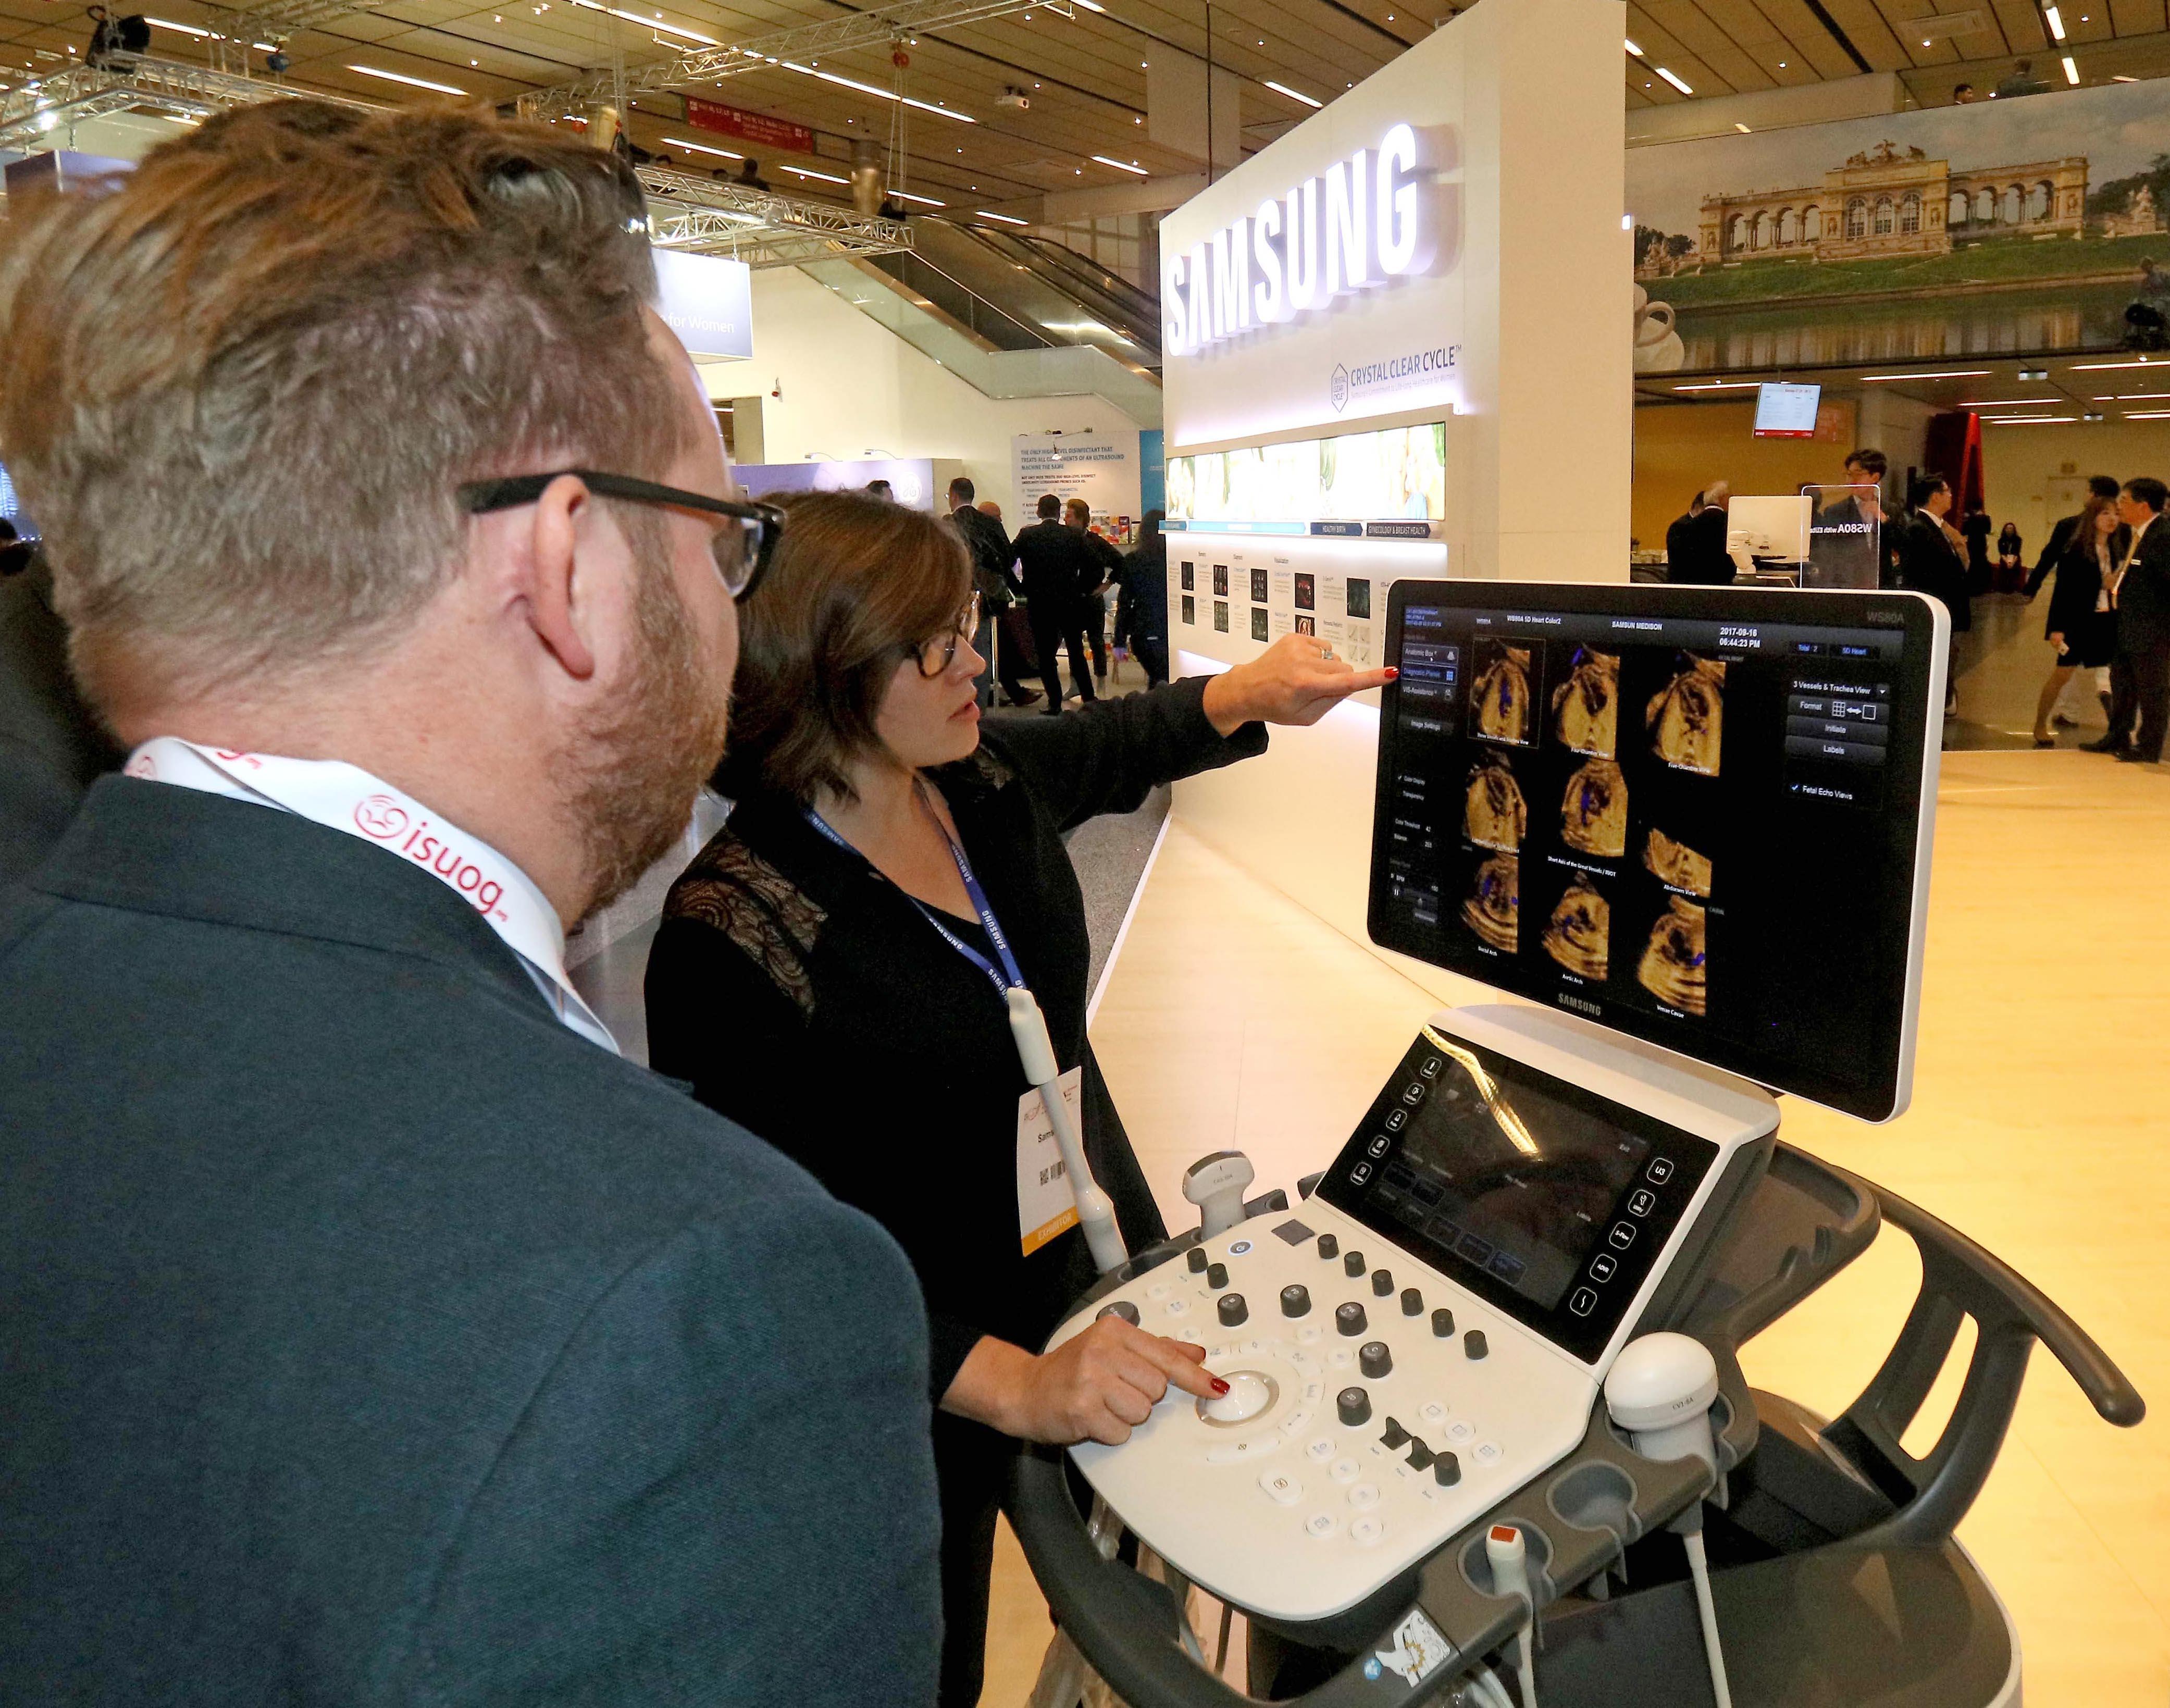 삼성부스를 방문한 참관객이 프리미엄 초음파 영상 장비 WS80A로 '5D Heart™' 시연을 지켜보고 있다.'5D Heart™'는 선천성 심장병 진단에 필요한 9개의 3D 표준 단면을 한 눈에 볼 수 있게 해주는 기능으로 이번 학회에서 임상유용성 사례가 발표됐다